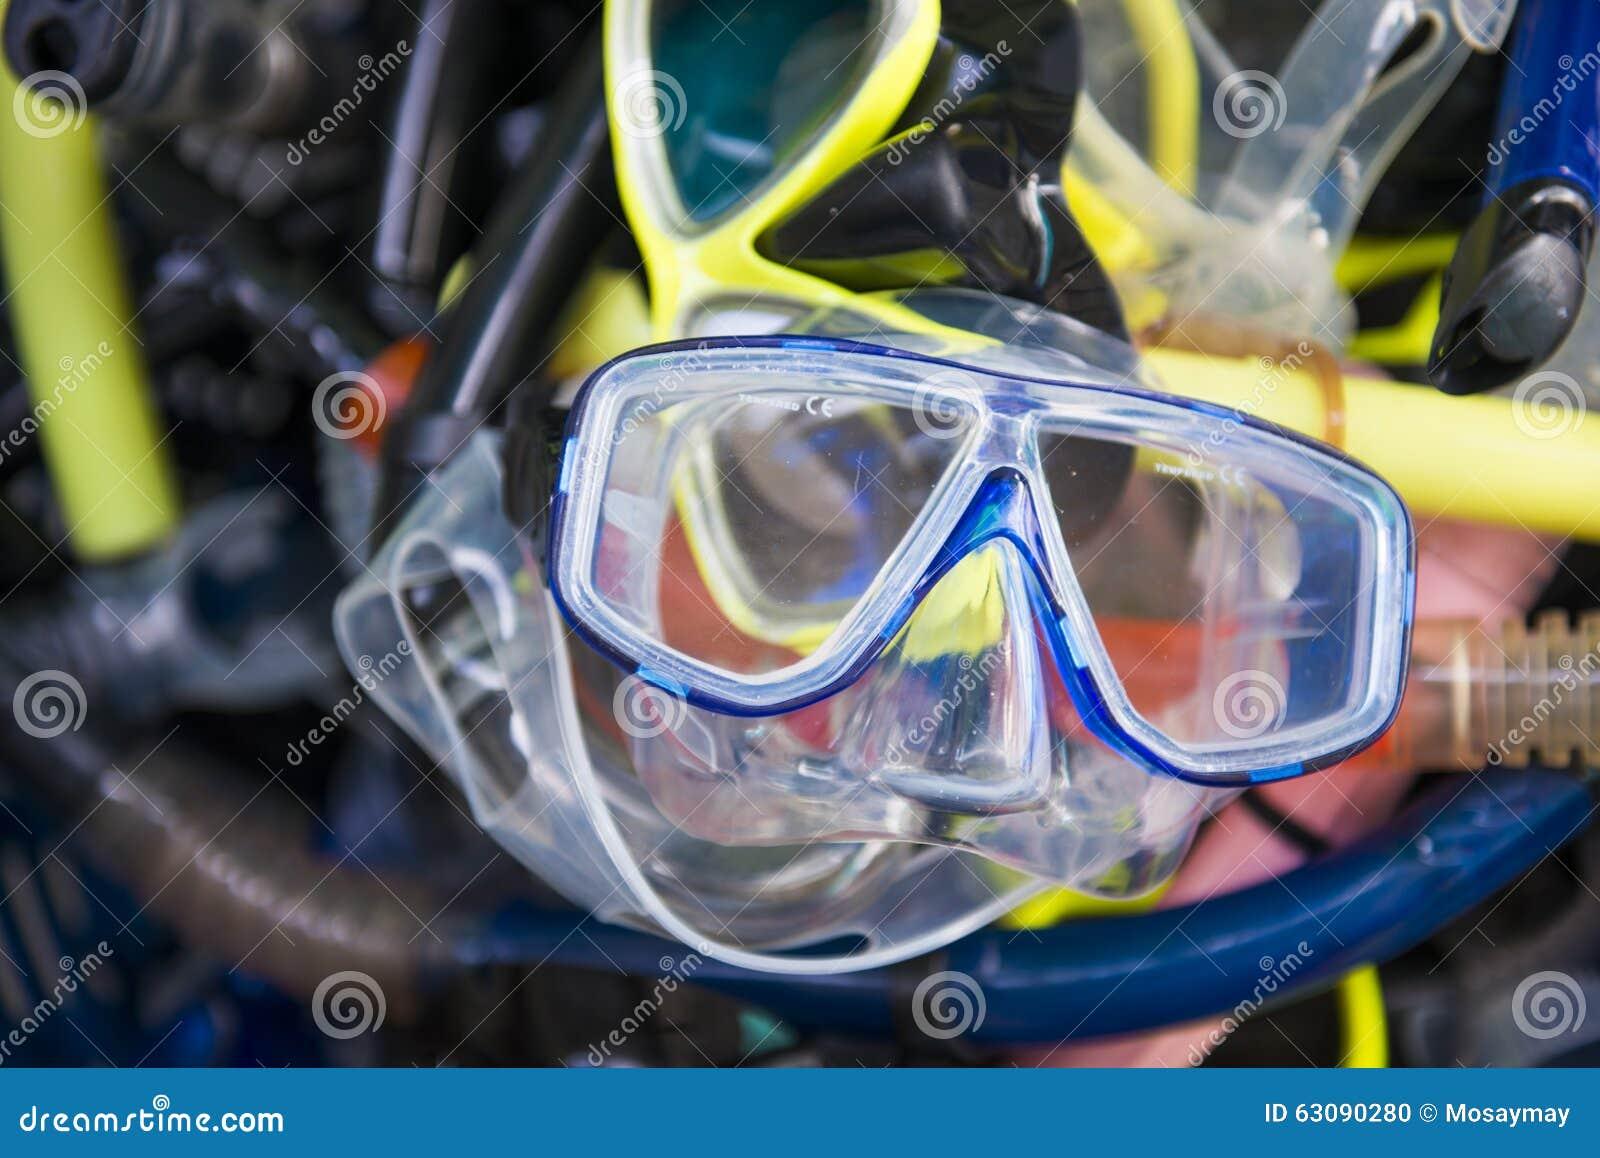 Download L'équipement Utilisé Pour La Plongée Photo stock - Image du plastique, loisirs: 63090280